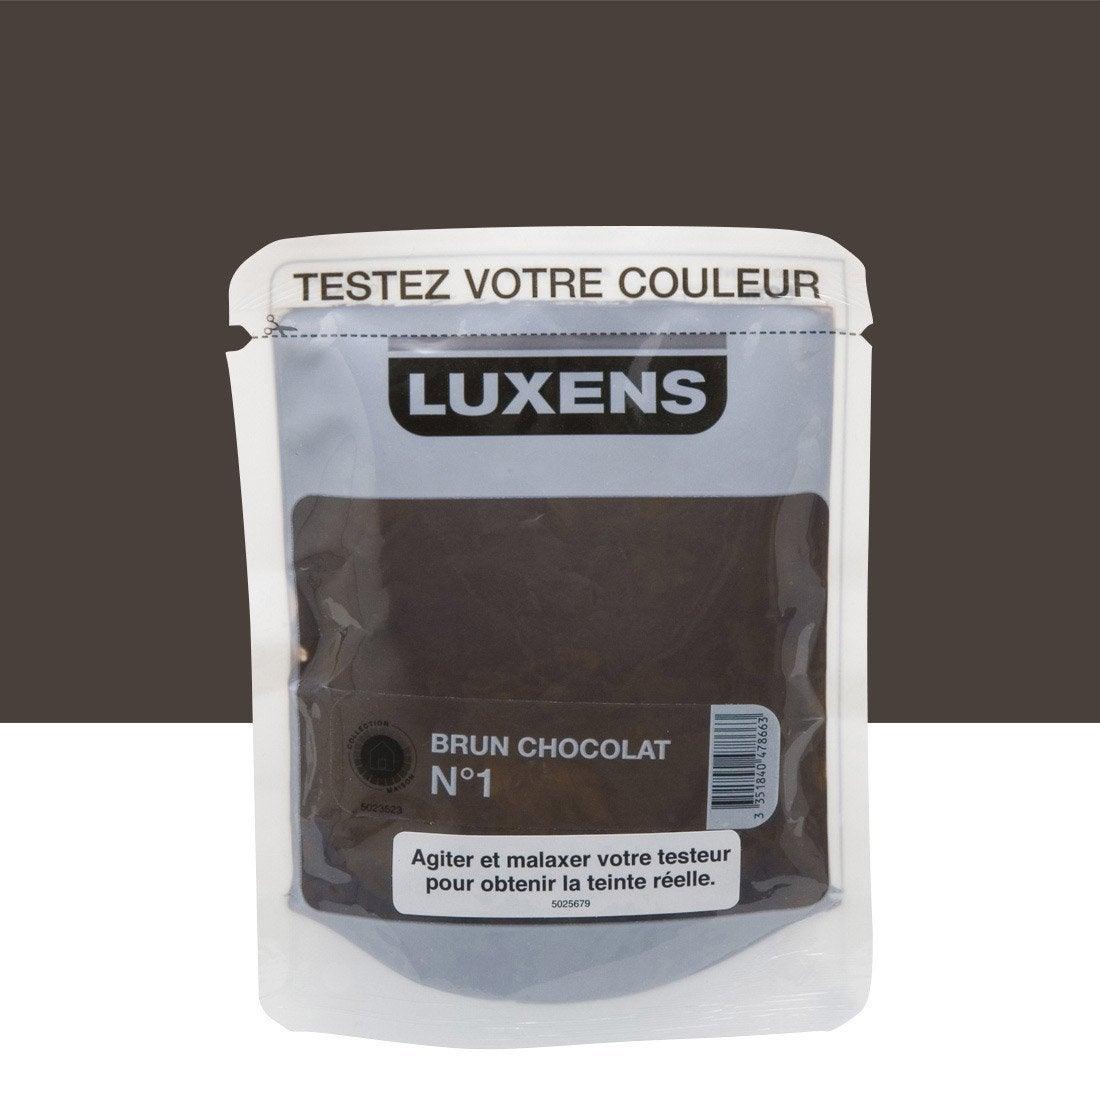 Testeur peinture brun chocolat 1 luxens couleurs for Peinture couleur chocolat